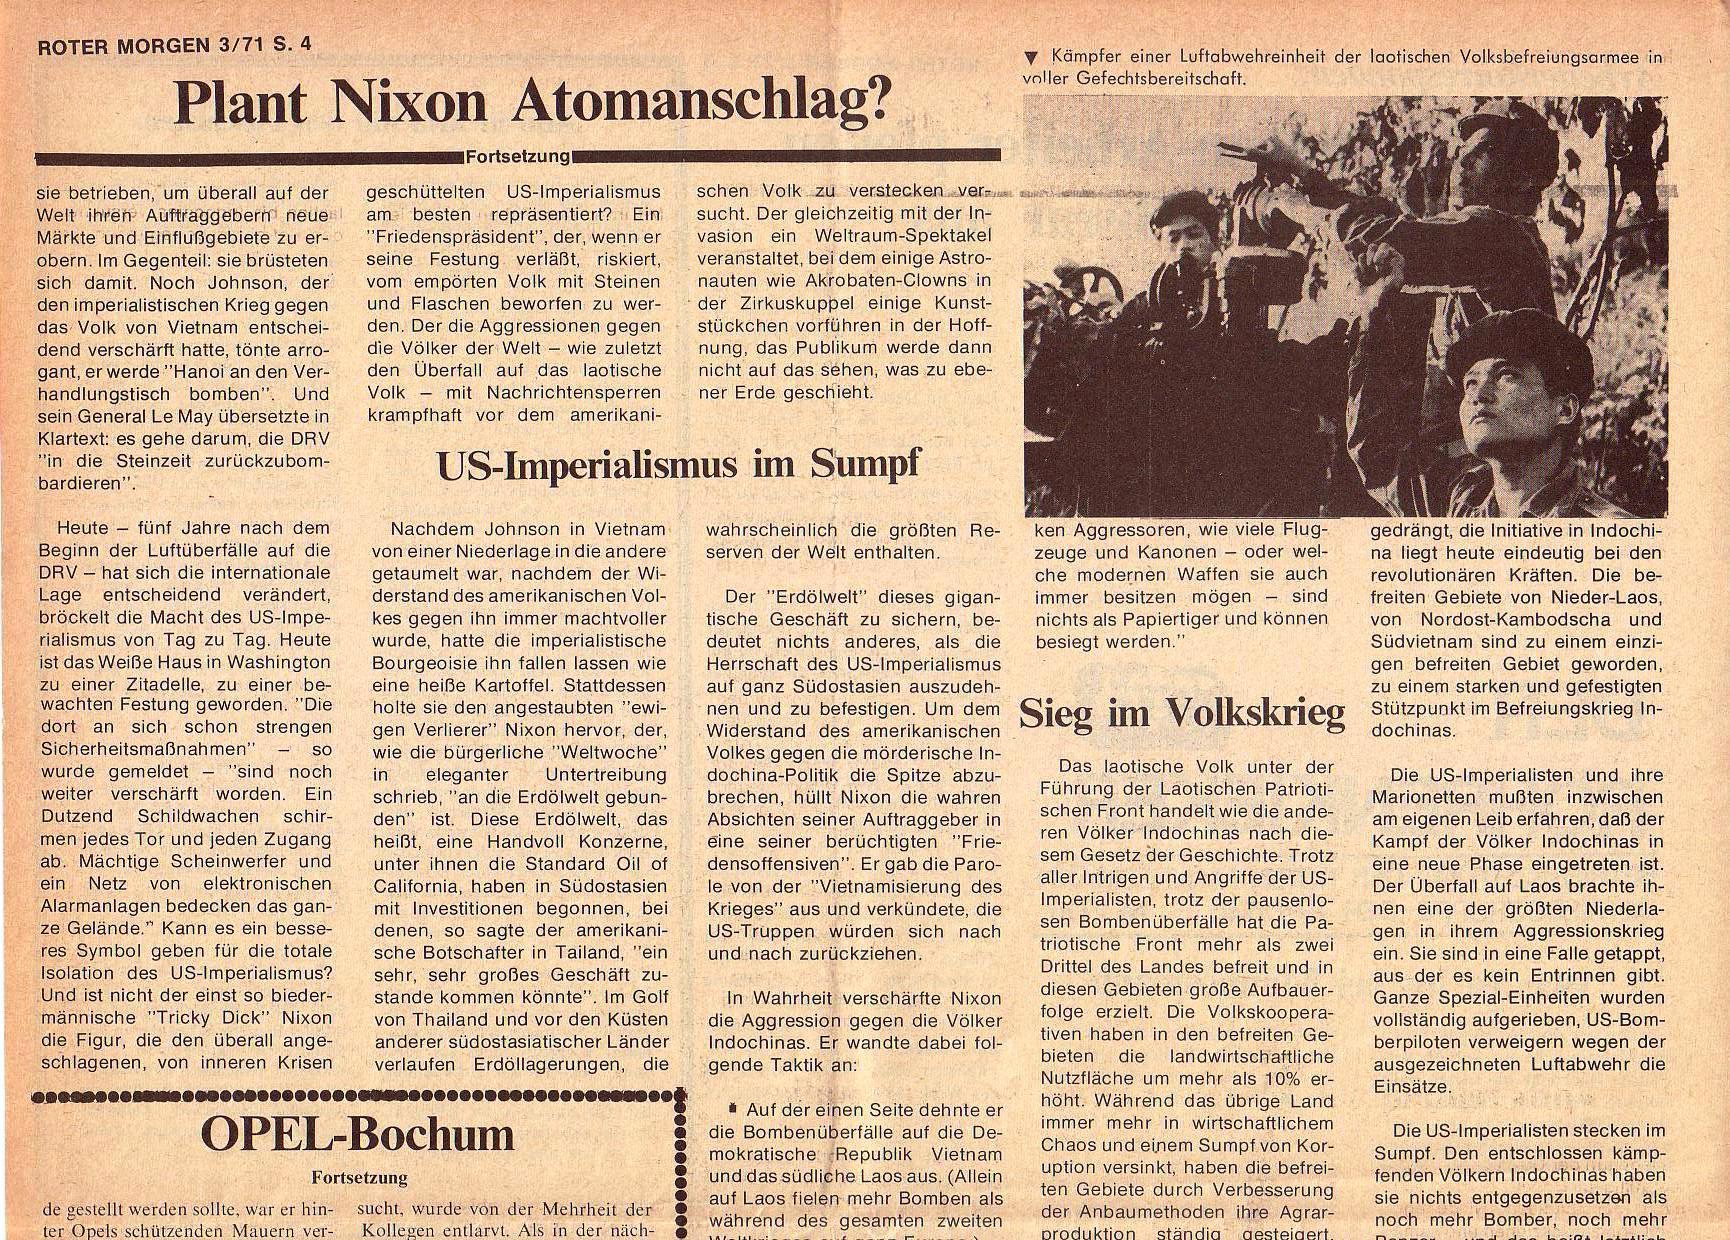 Roter Morgen, 5. Jg., März 1971, Nr. 3, Seite 4a